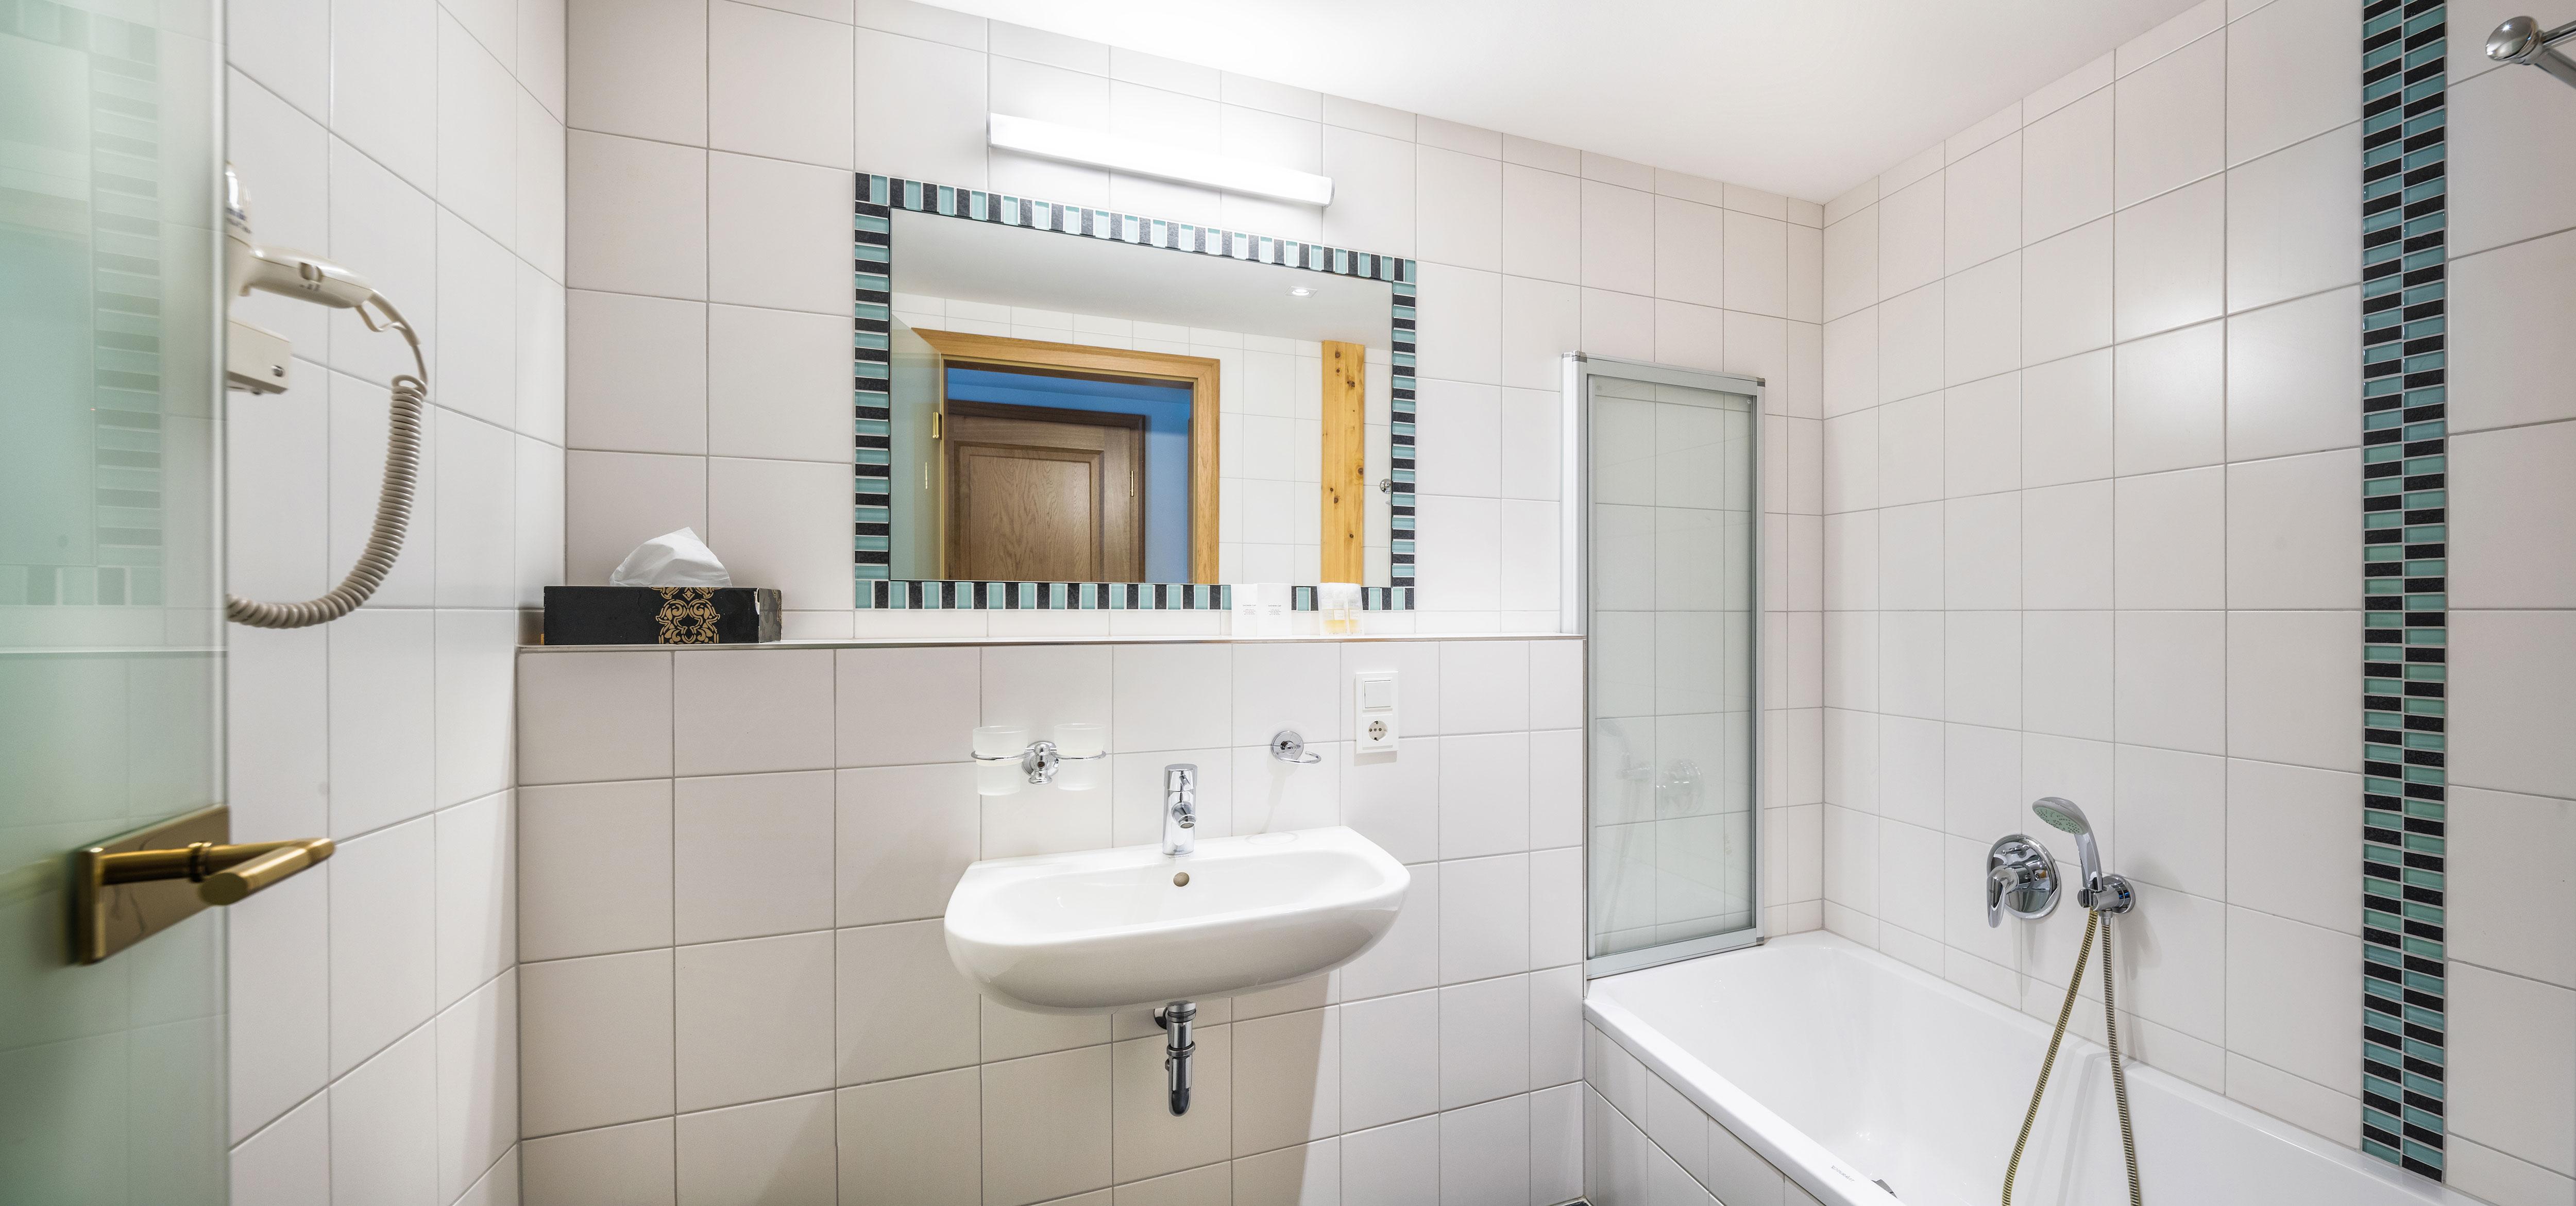 bathroom of the room La Suite Royale